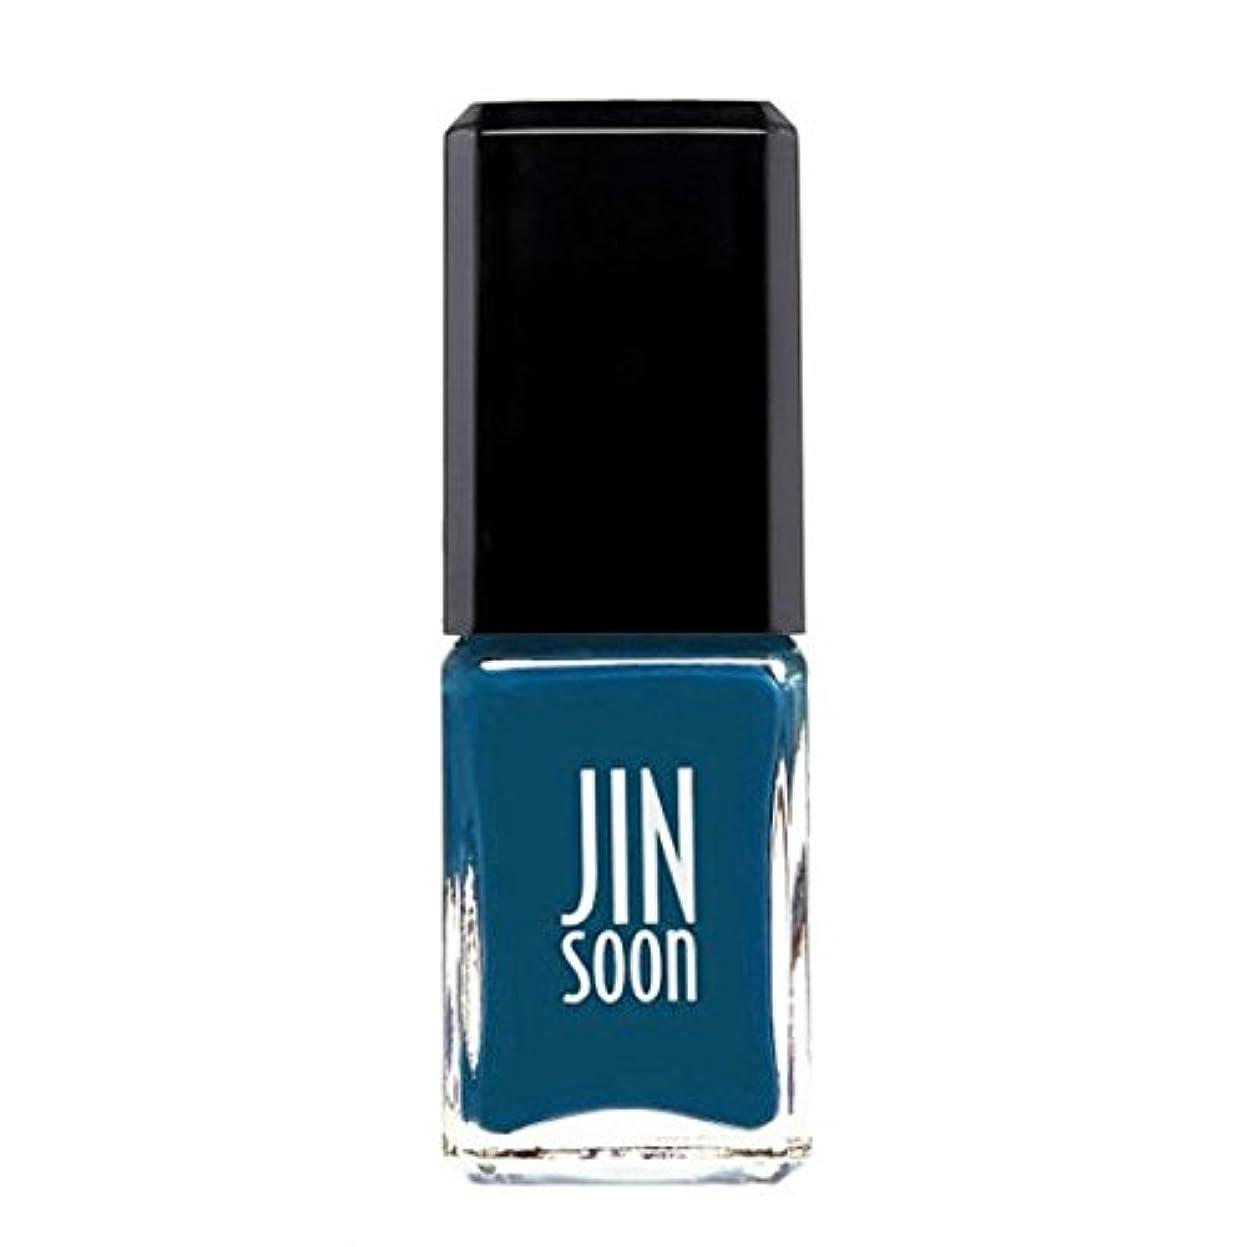 離れて局使用法[ジンスーン] [ jinsoon] ボウ(ティールブルー) BEAU ジンスーン 5フリー ネイルポリッシュ ネイルカラー系統:ティールブルー teal blue 11mL